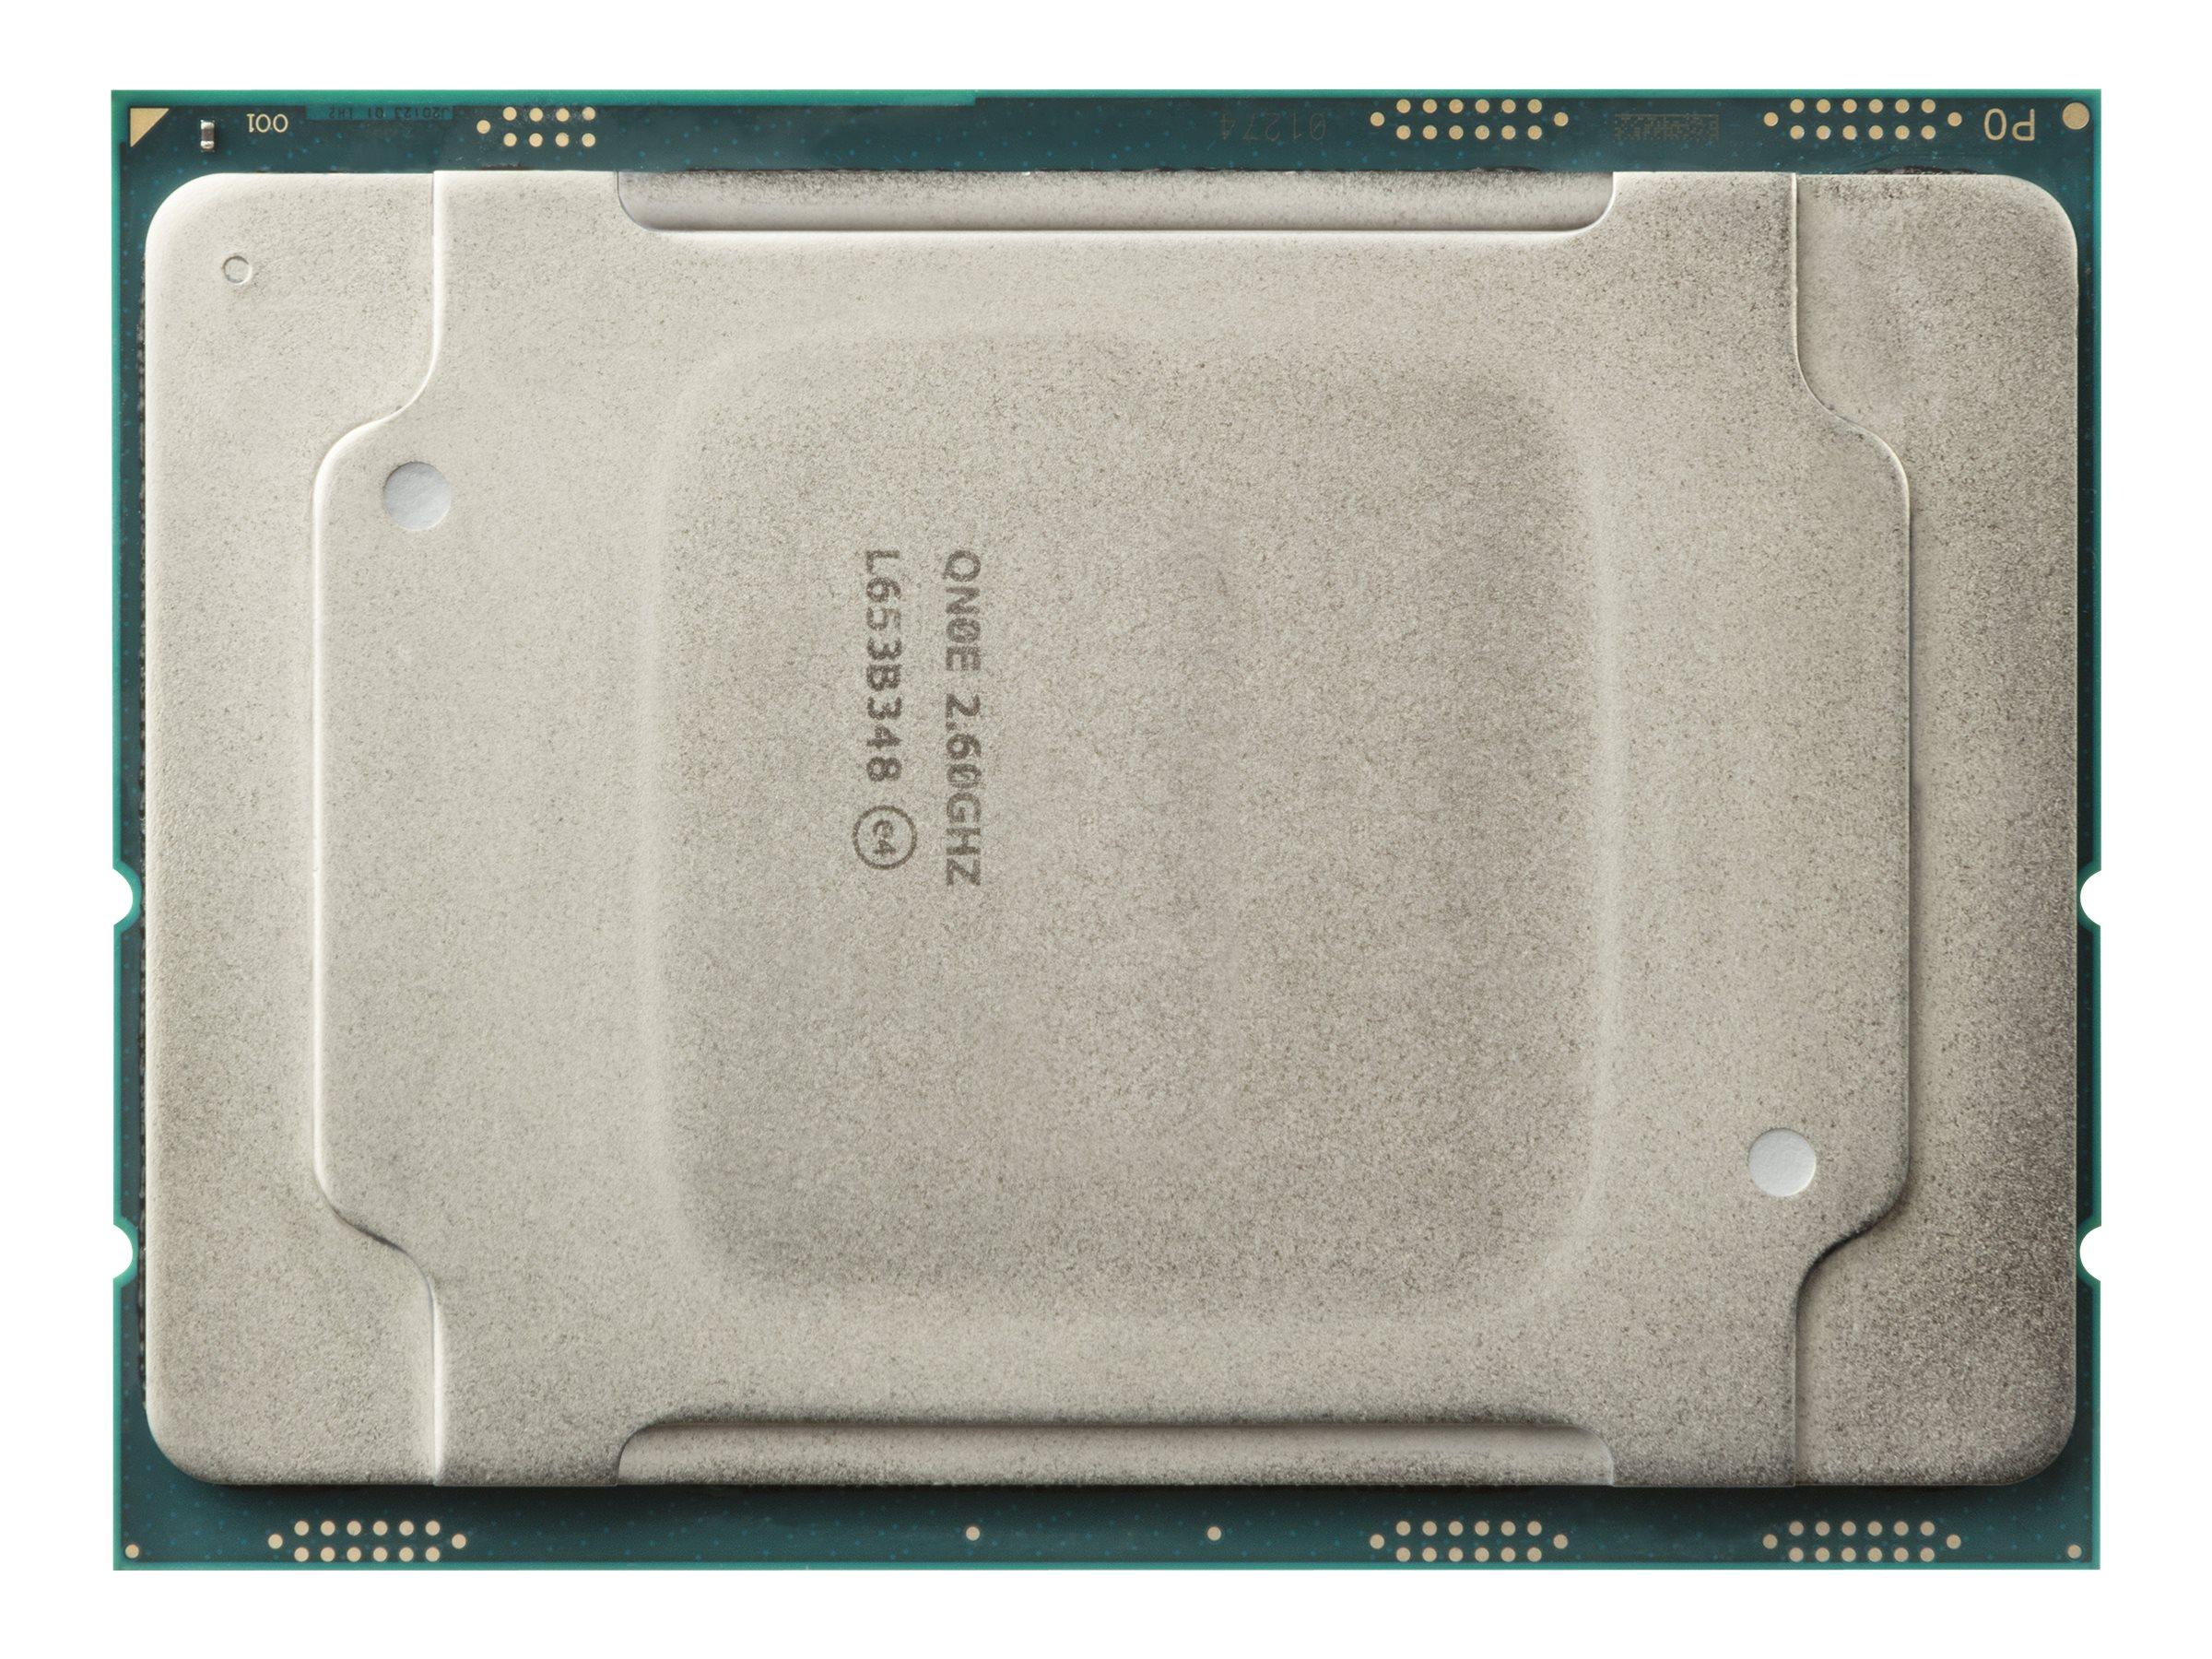 Intel Xeon Silver 4108 / 1.8 GHz processor